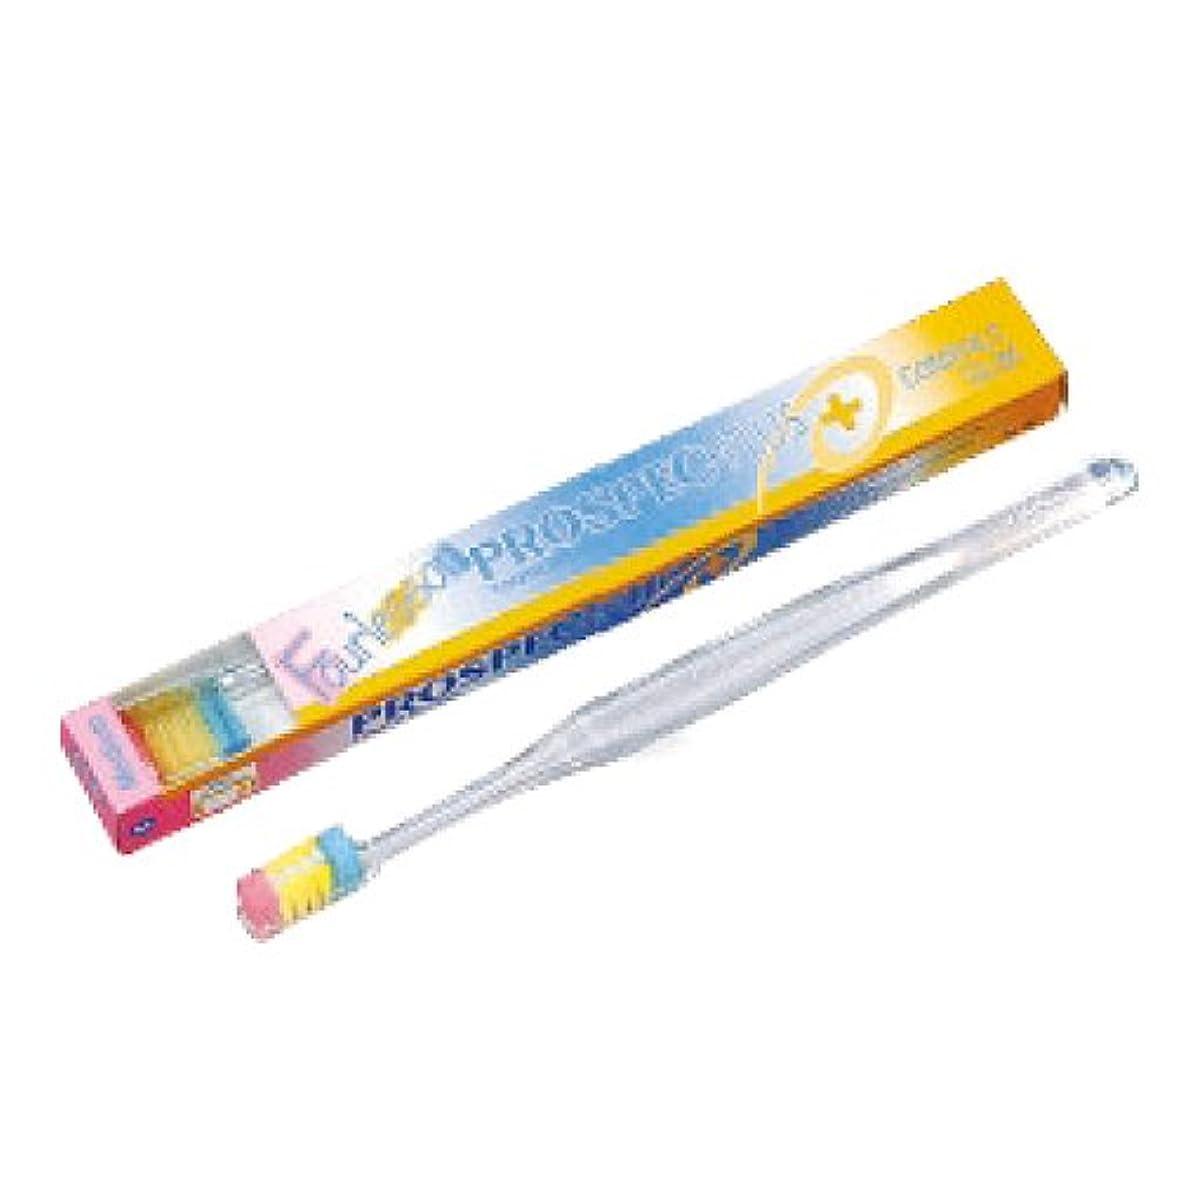 疲労ぬるいカウンターパートプロスペック 歯ブラシ コンパクトスリム 1本 フォーレッスン 毛の硬さ ふつう